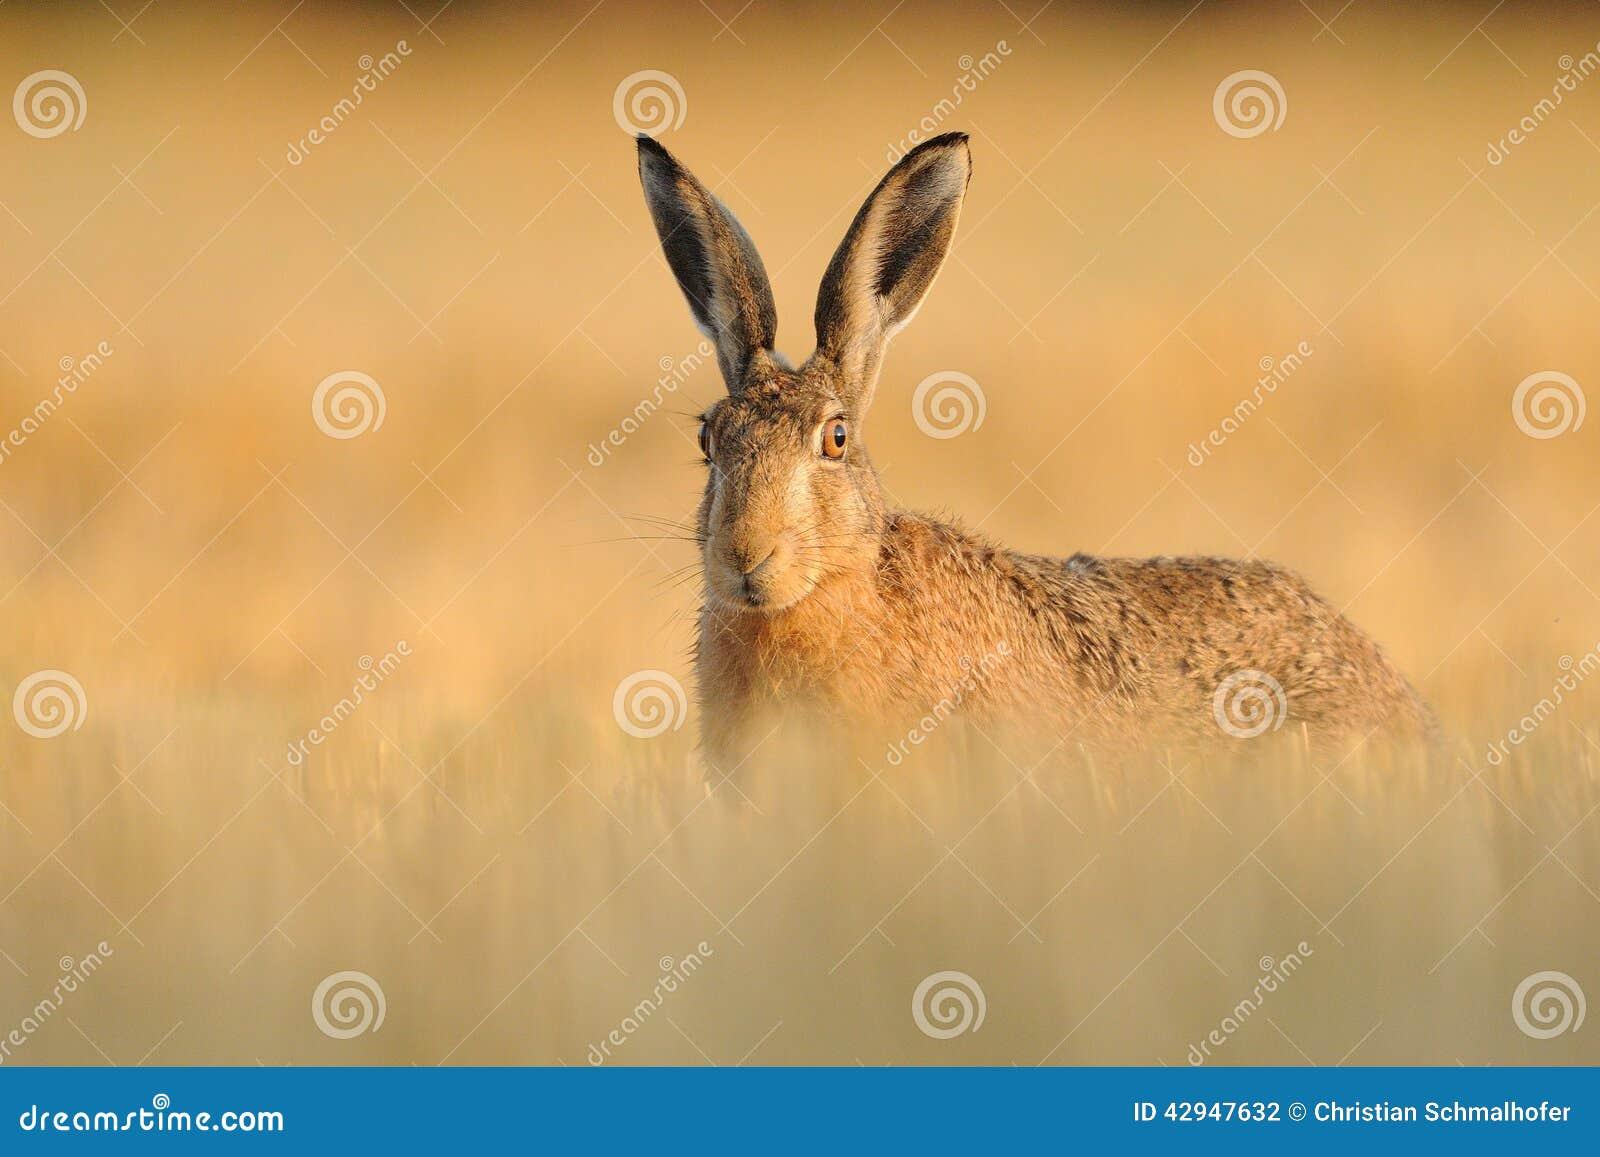 Hare in the Cornfield